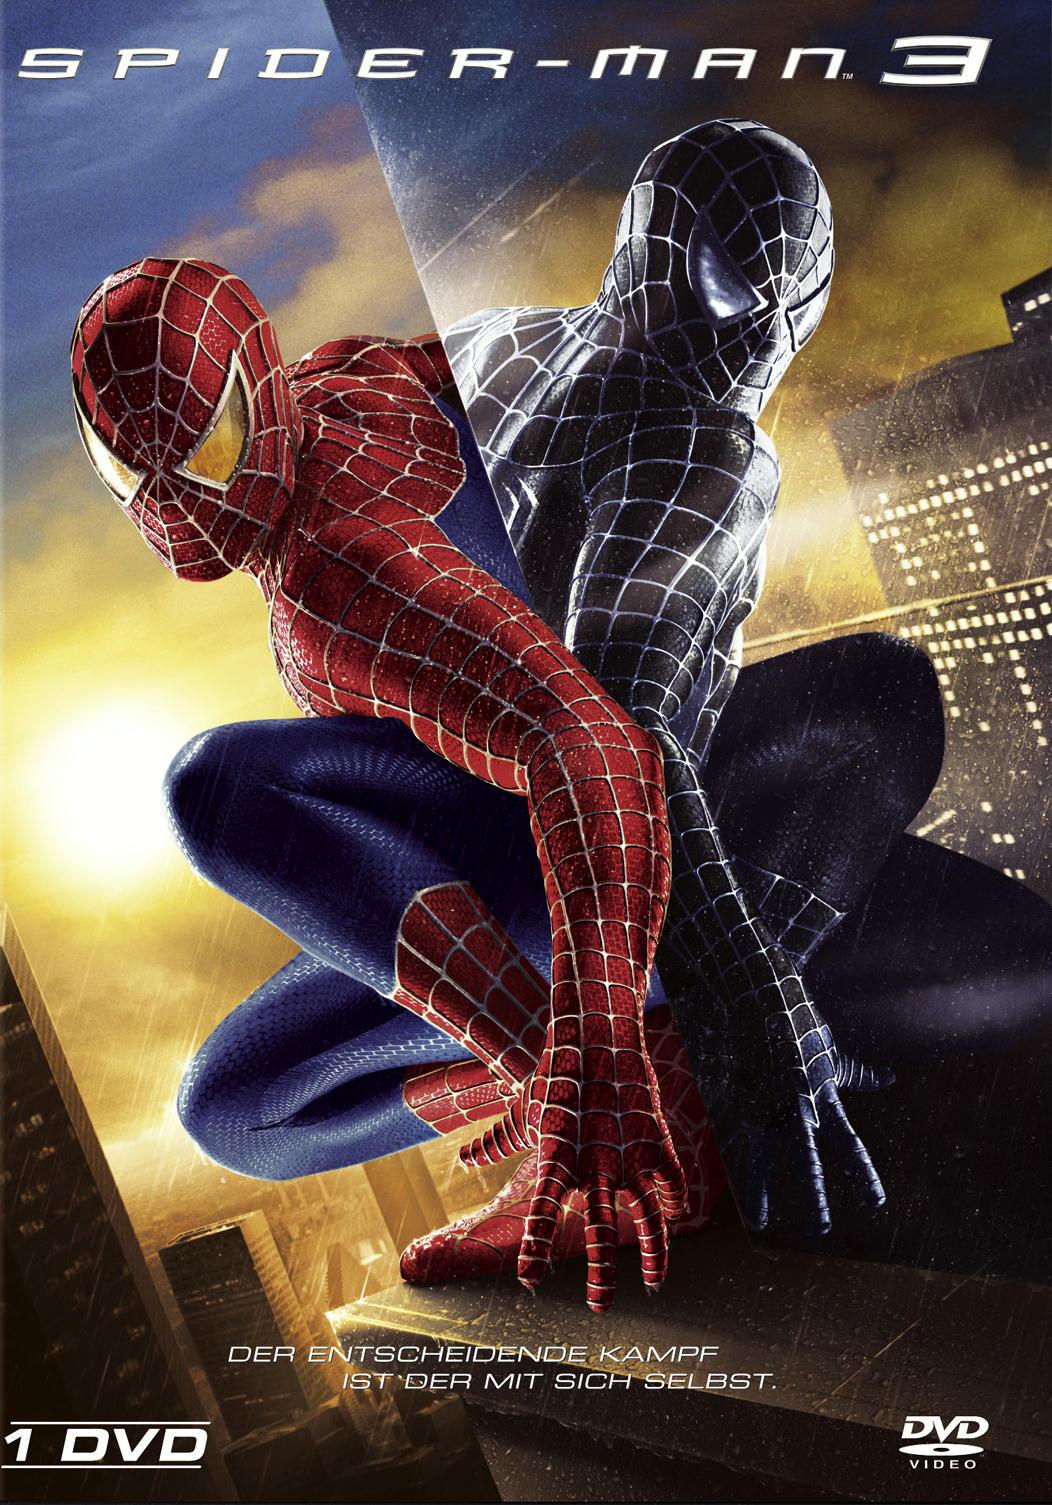 Spider-Man 3 (Einzel-DVD) Poster